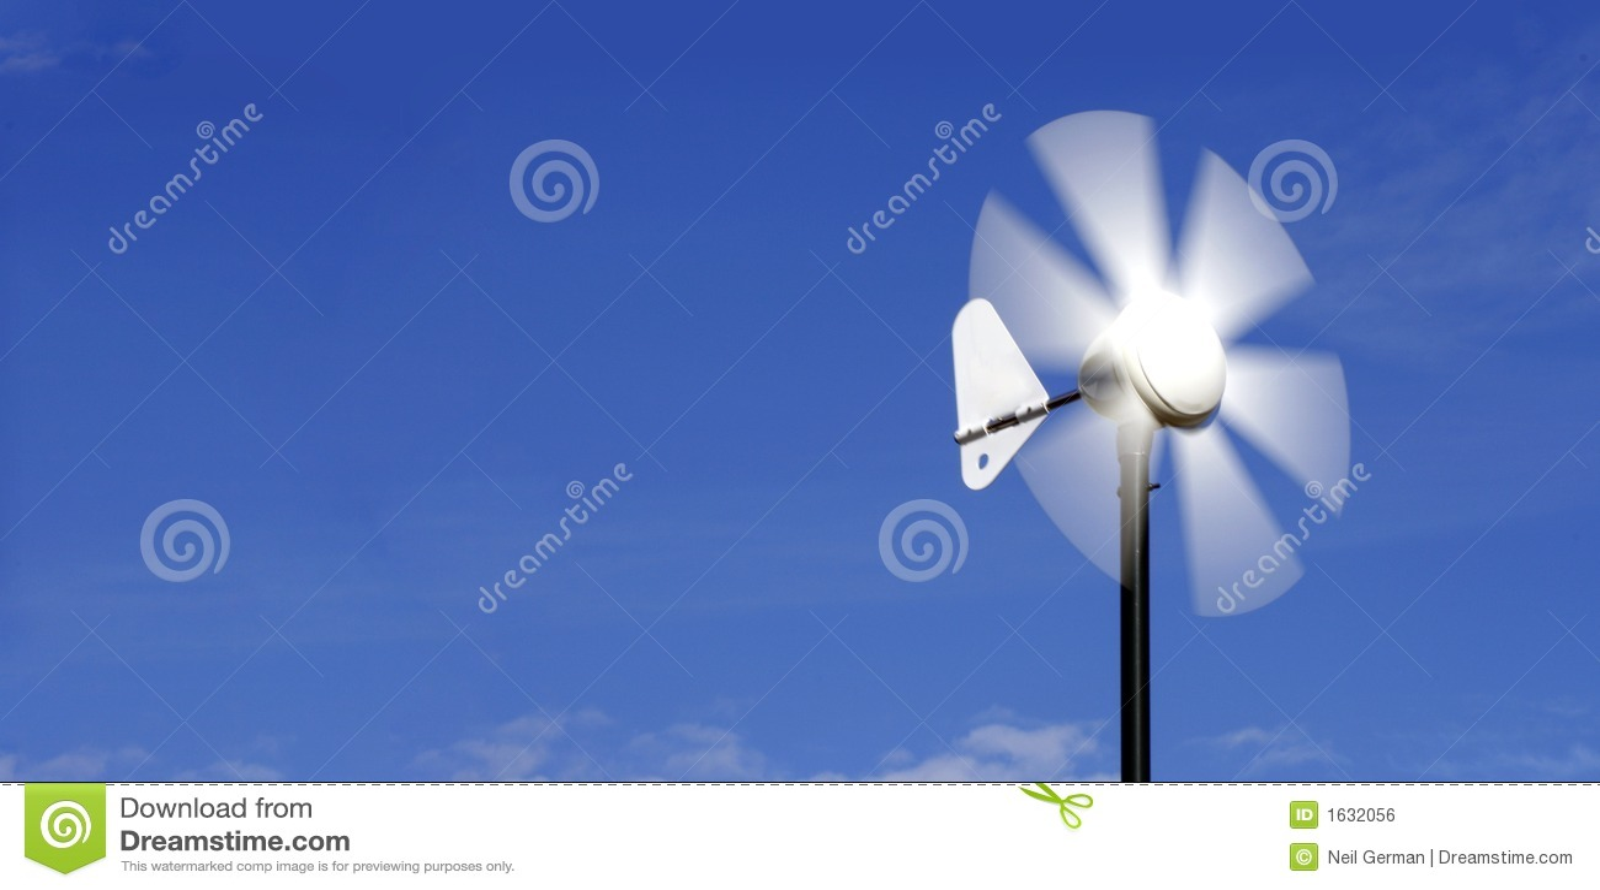 Alternative energy wind vane